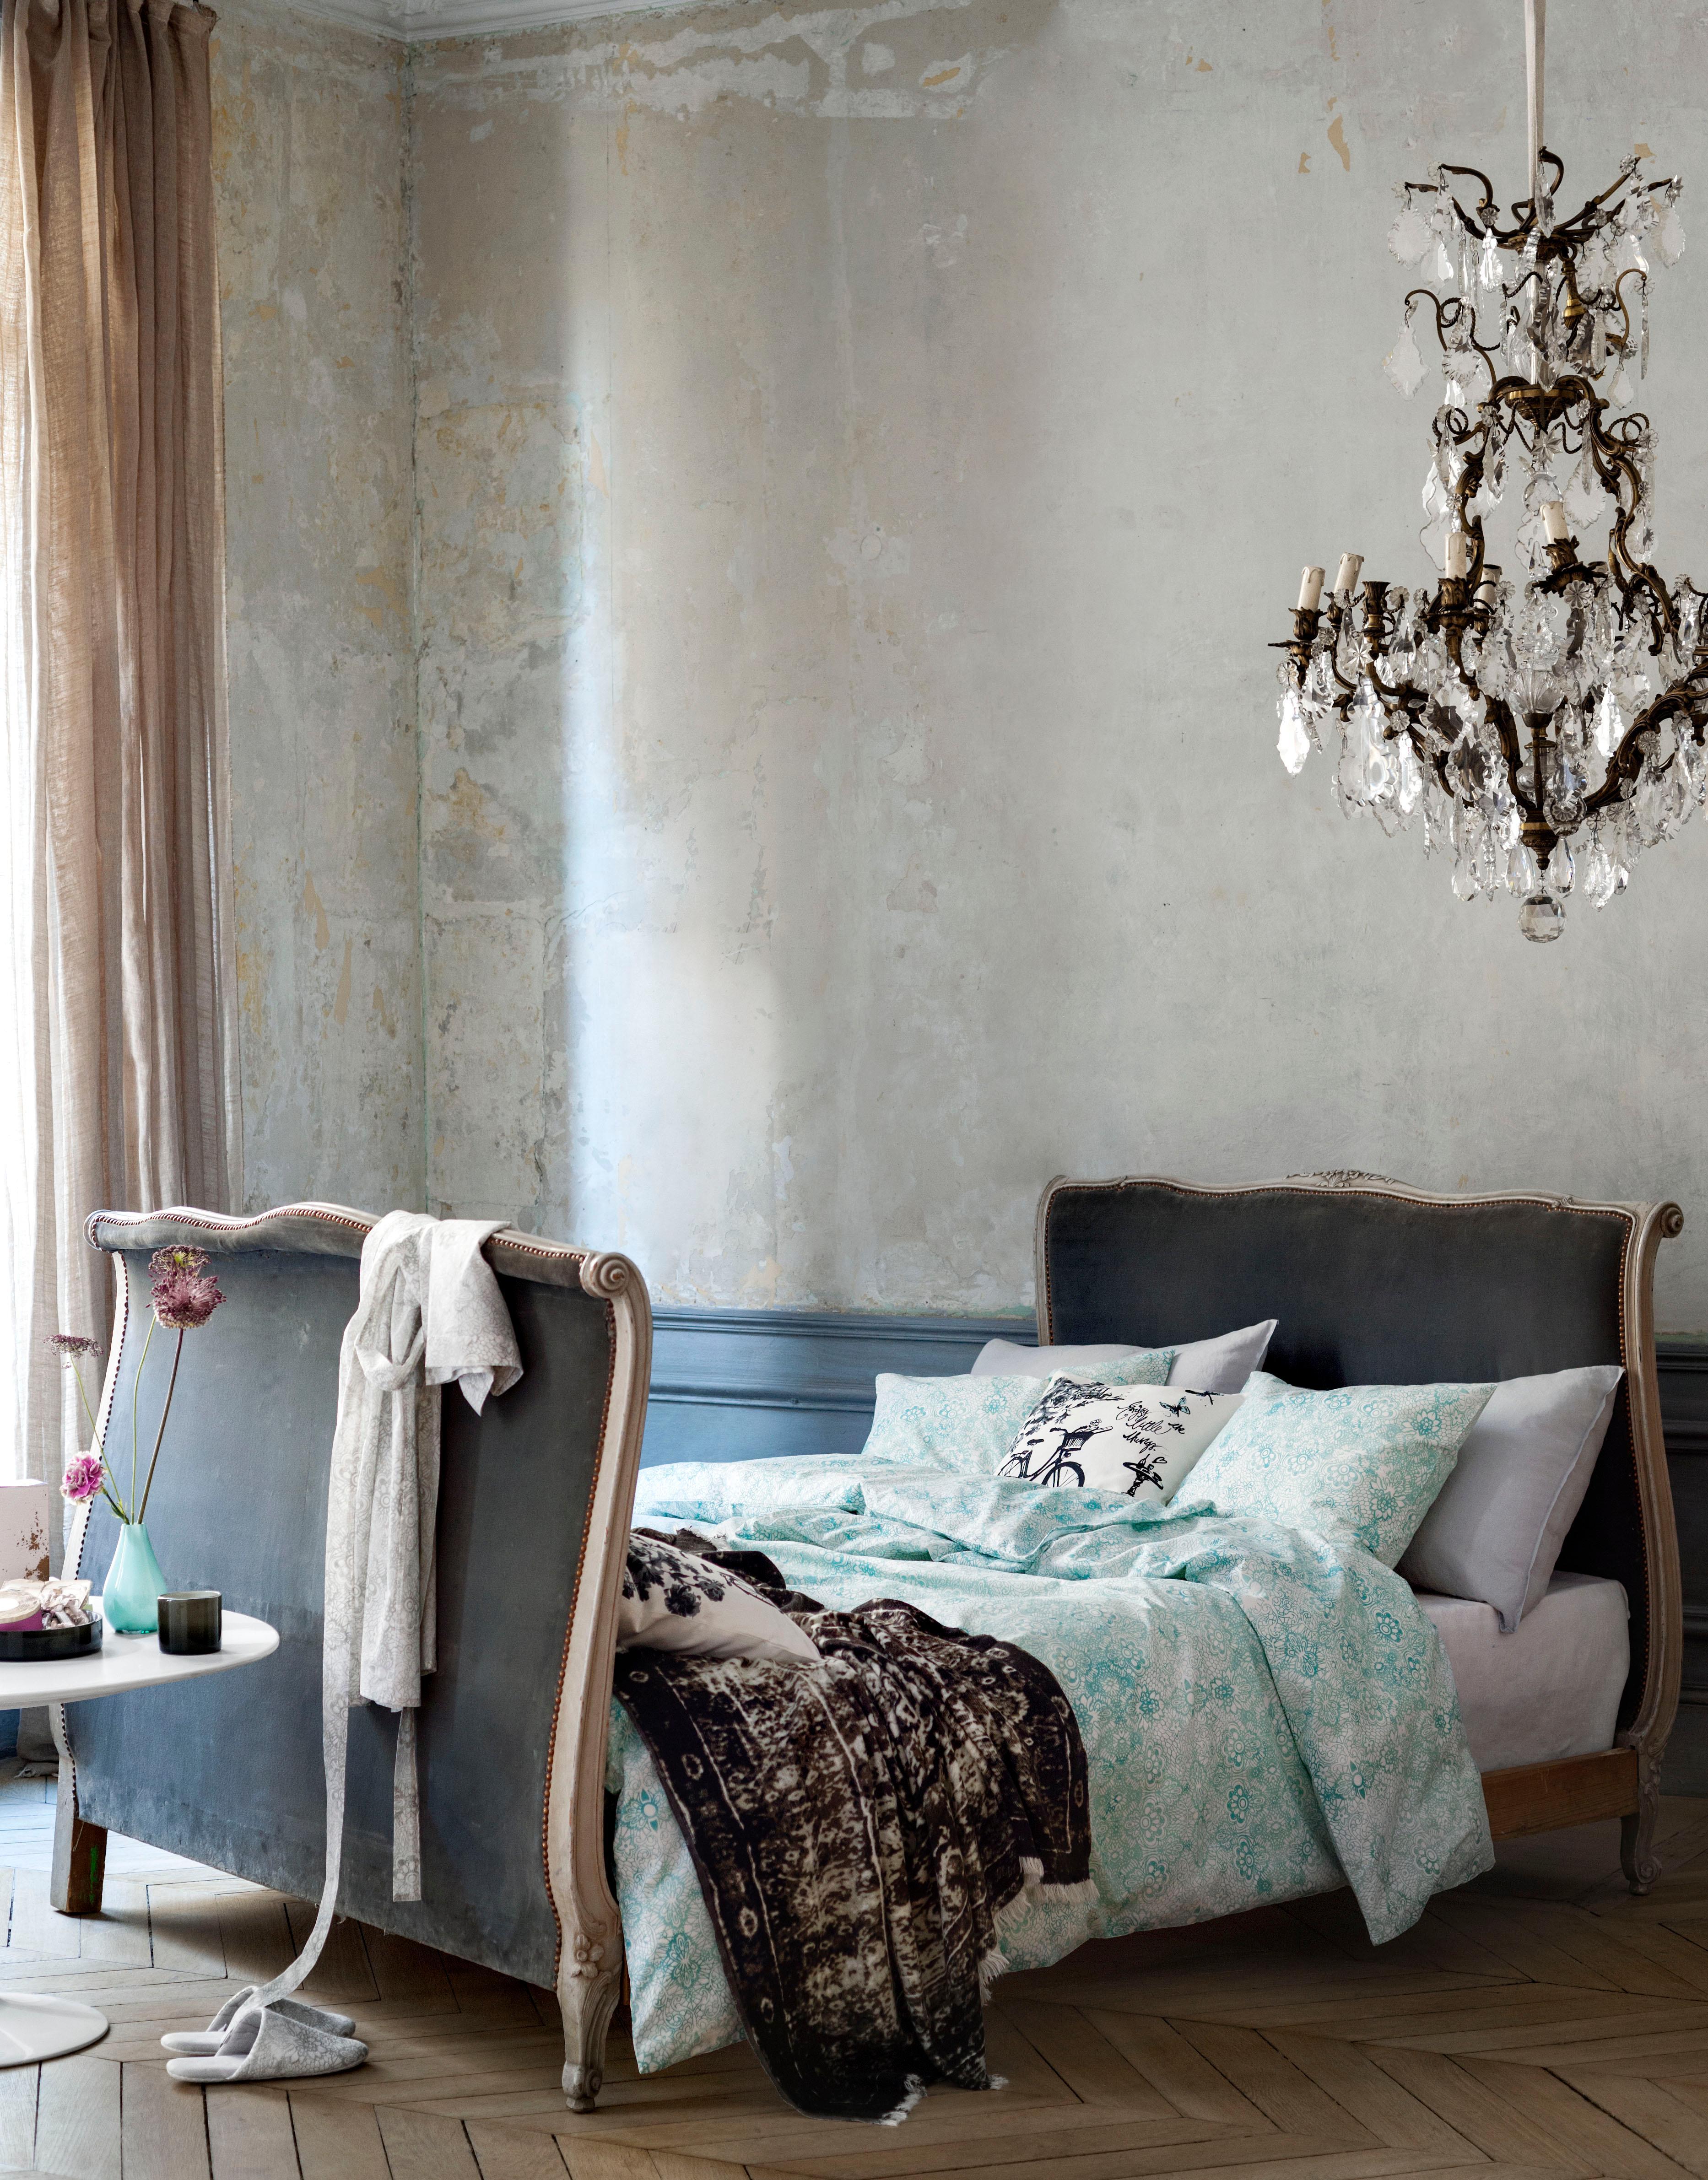 Romantische Tapete • Bilder & Ideen • Couchstyle